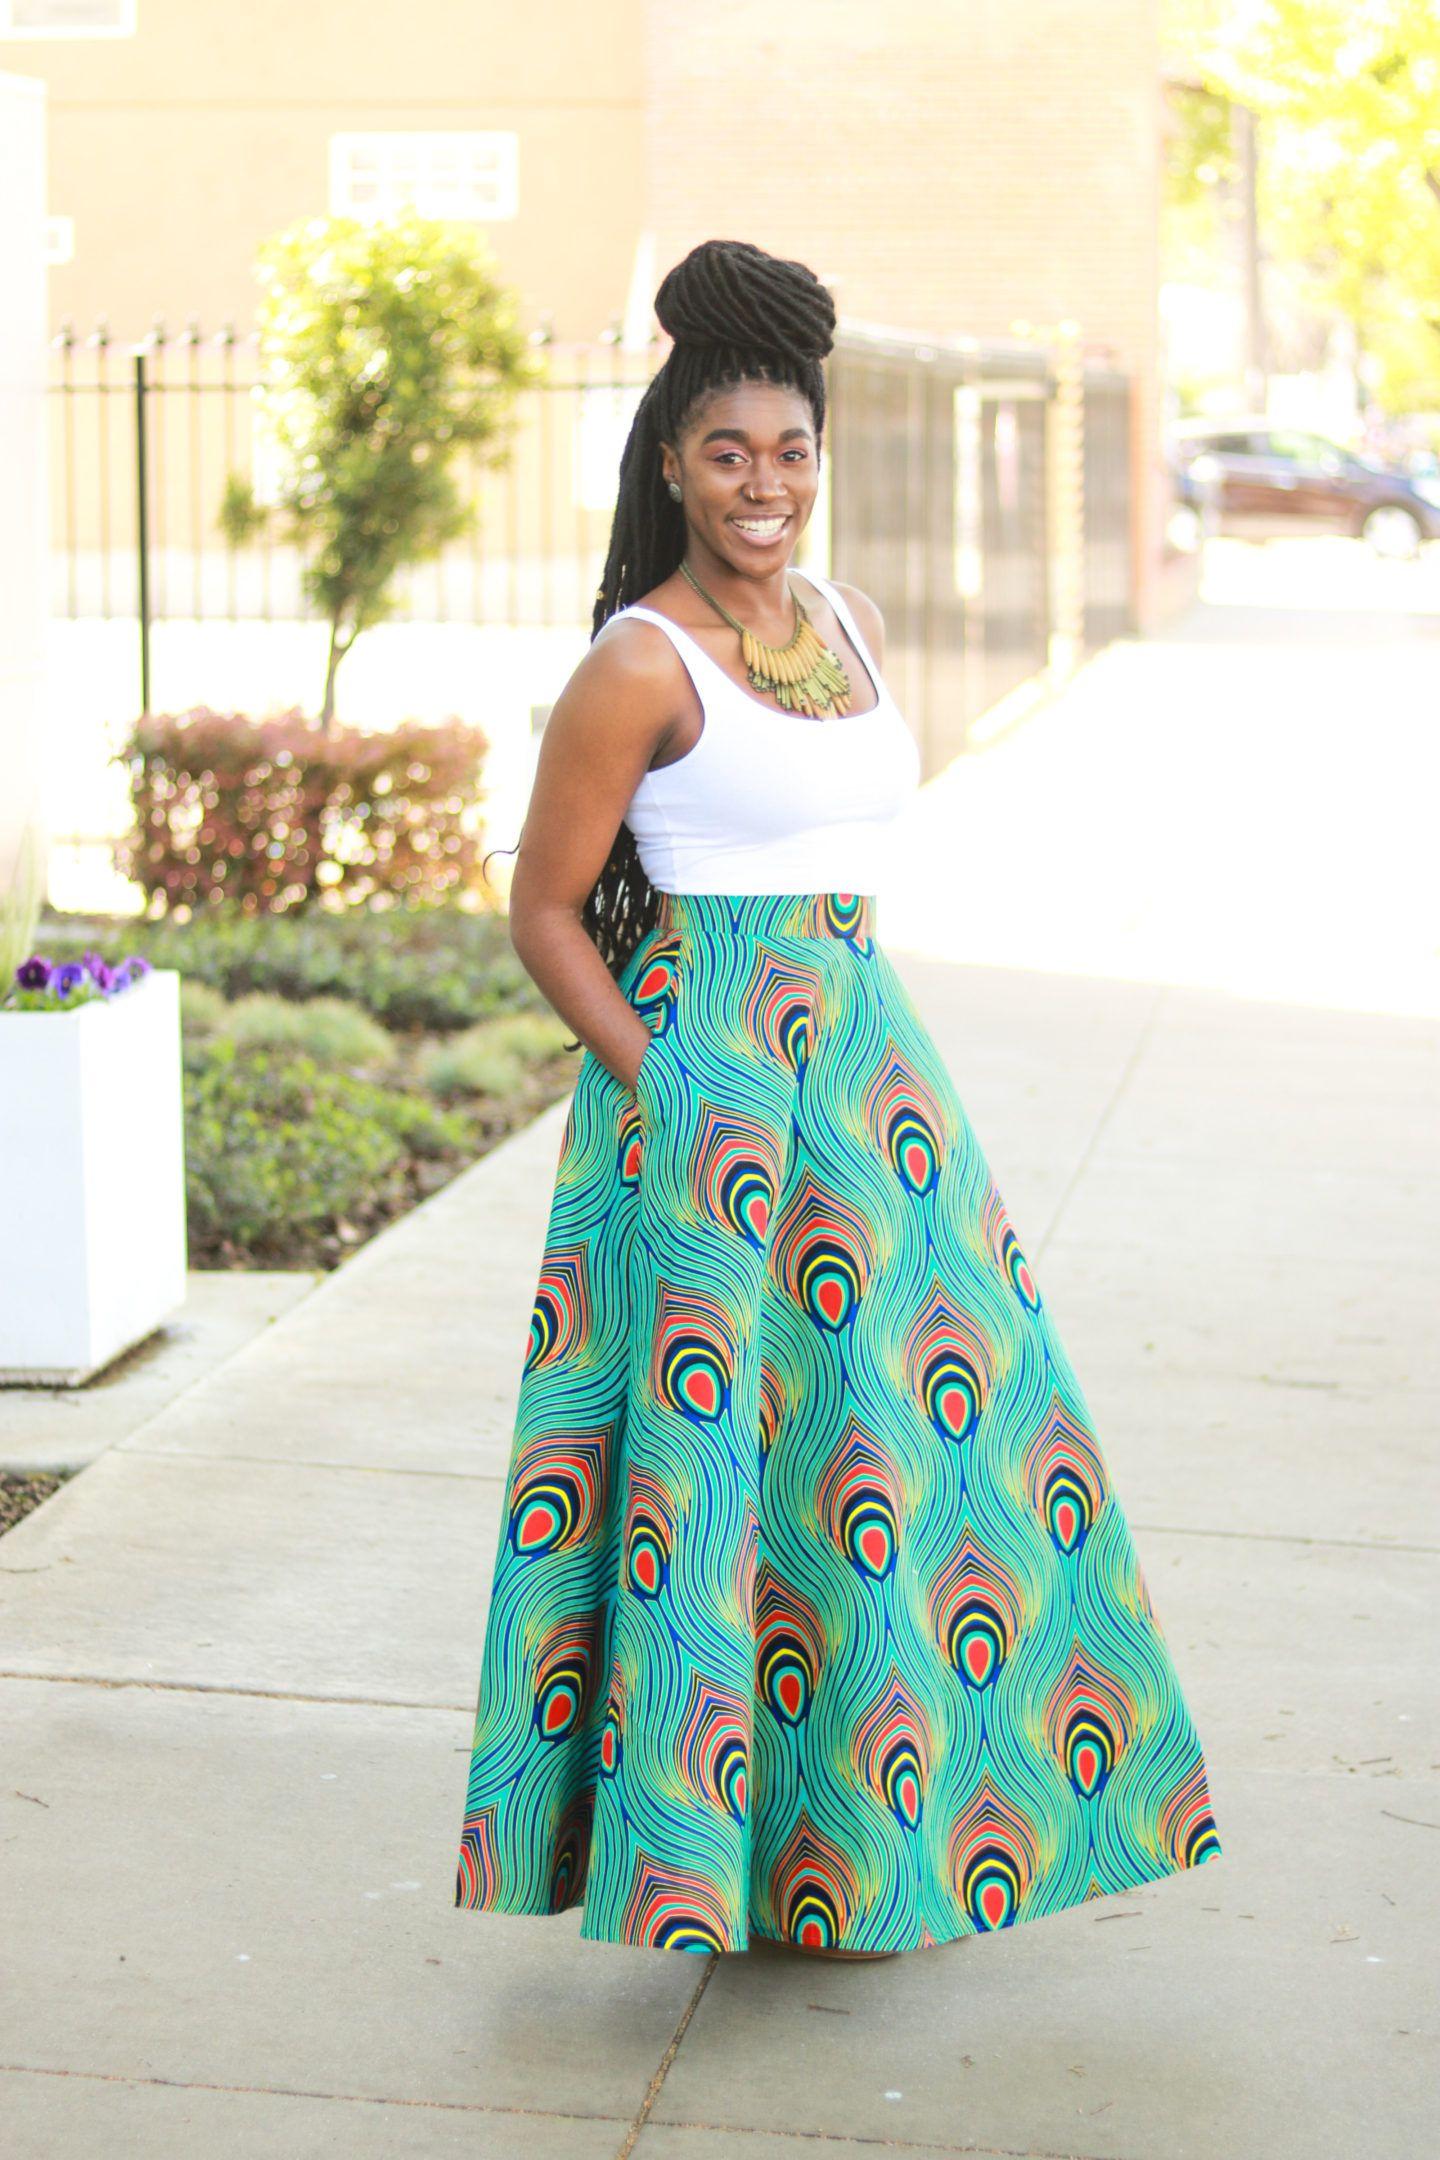 DIY Half Circle Skirt With Pockets Tutorial Circle skirt